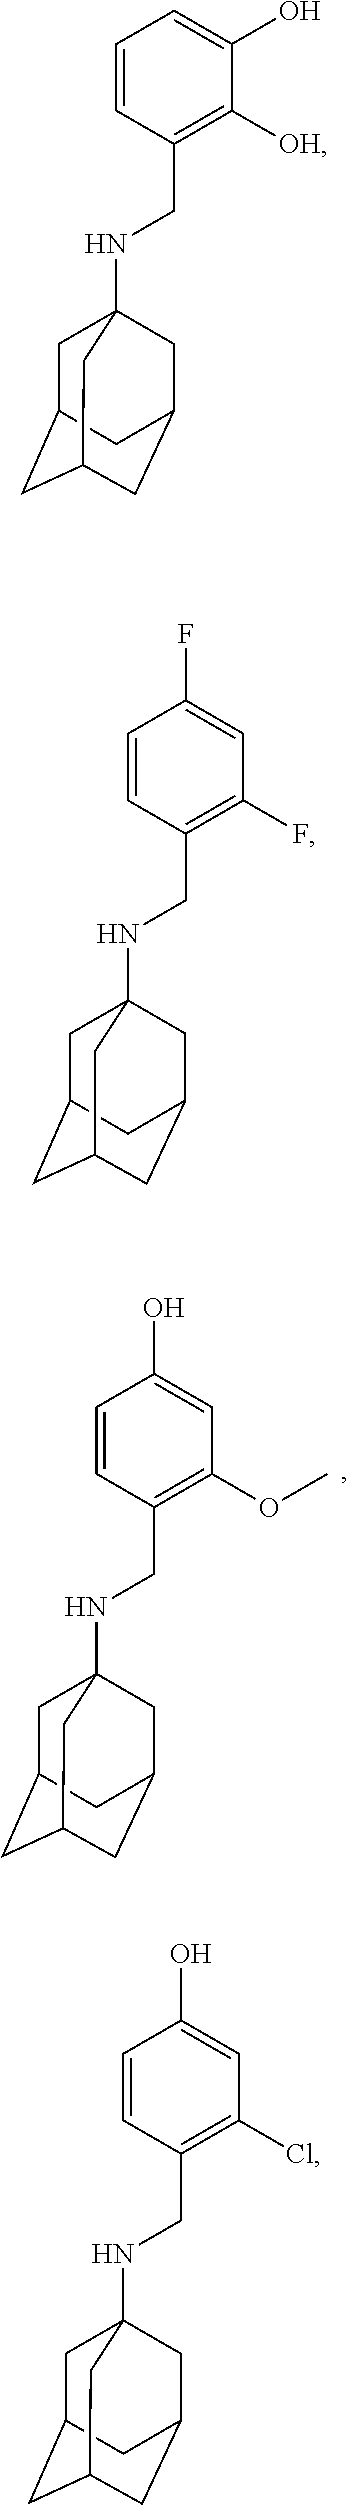 Figure US09884832-20180206-C00018